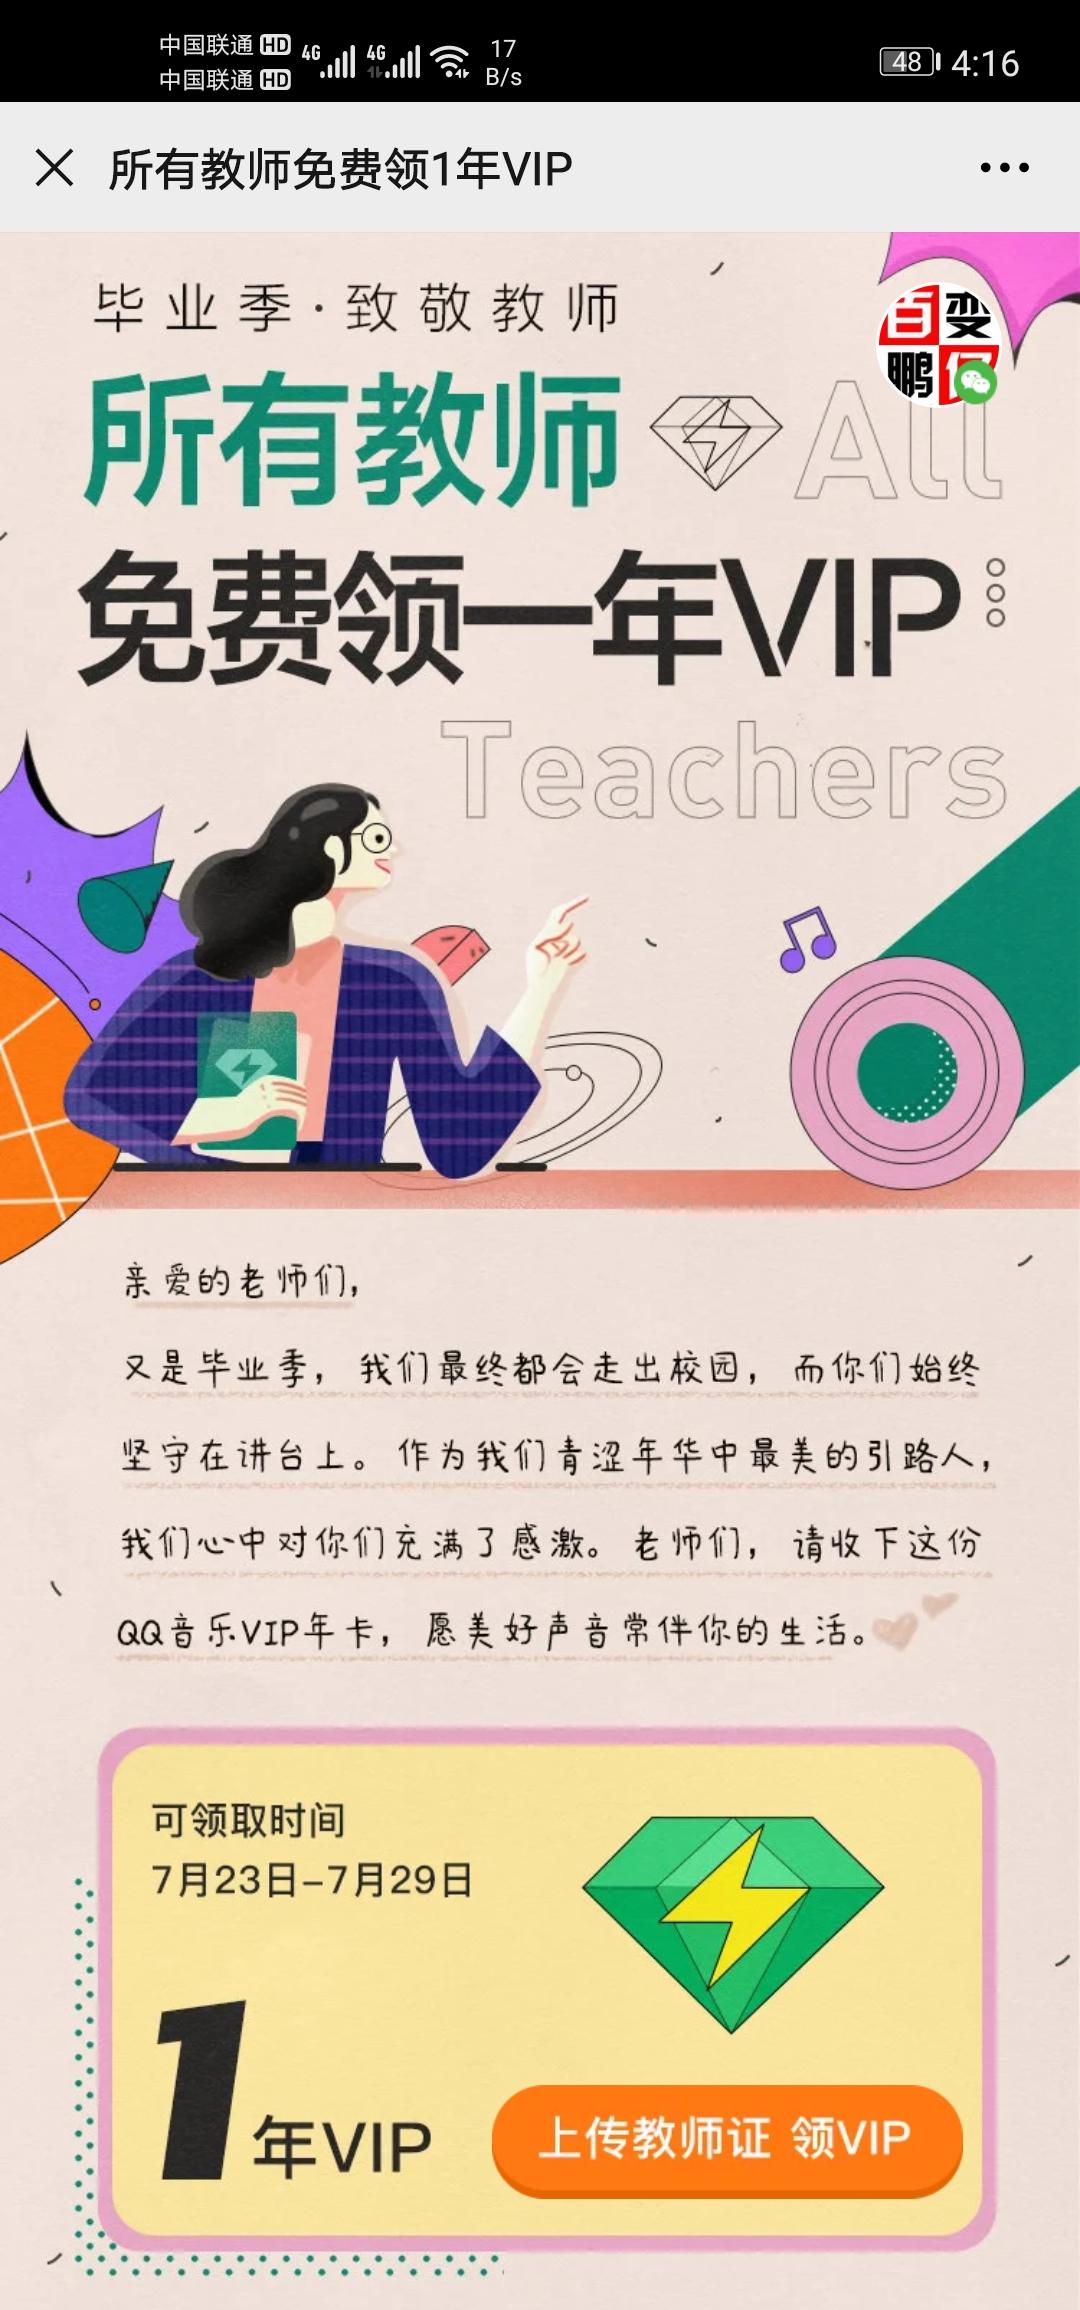 教师可免费领取一年QQ豪华绿钻 赶紧来领取吧